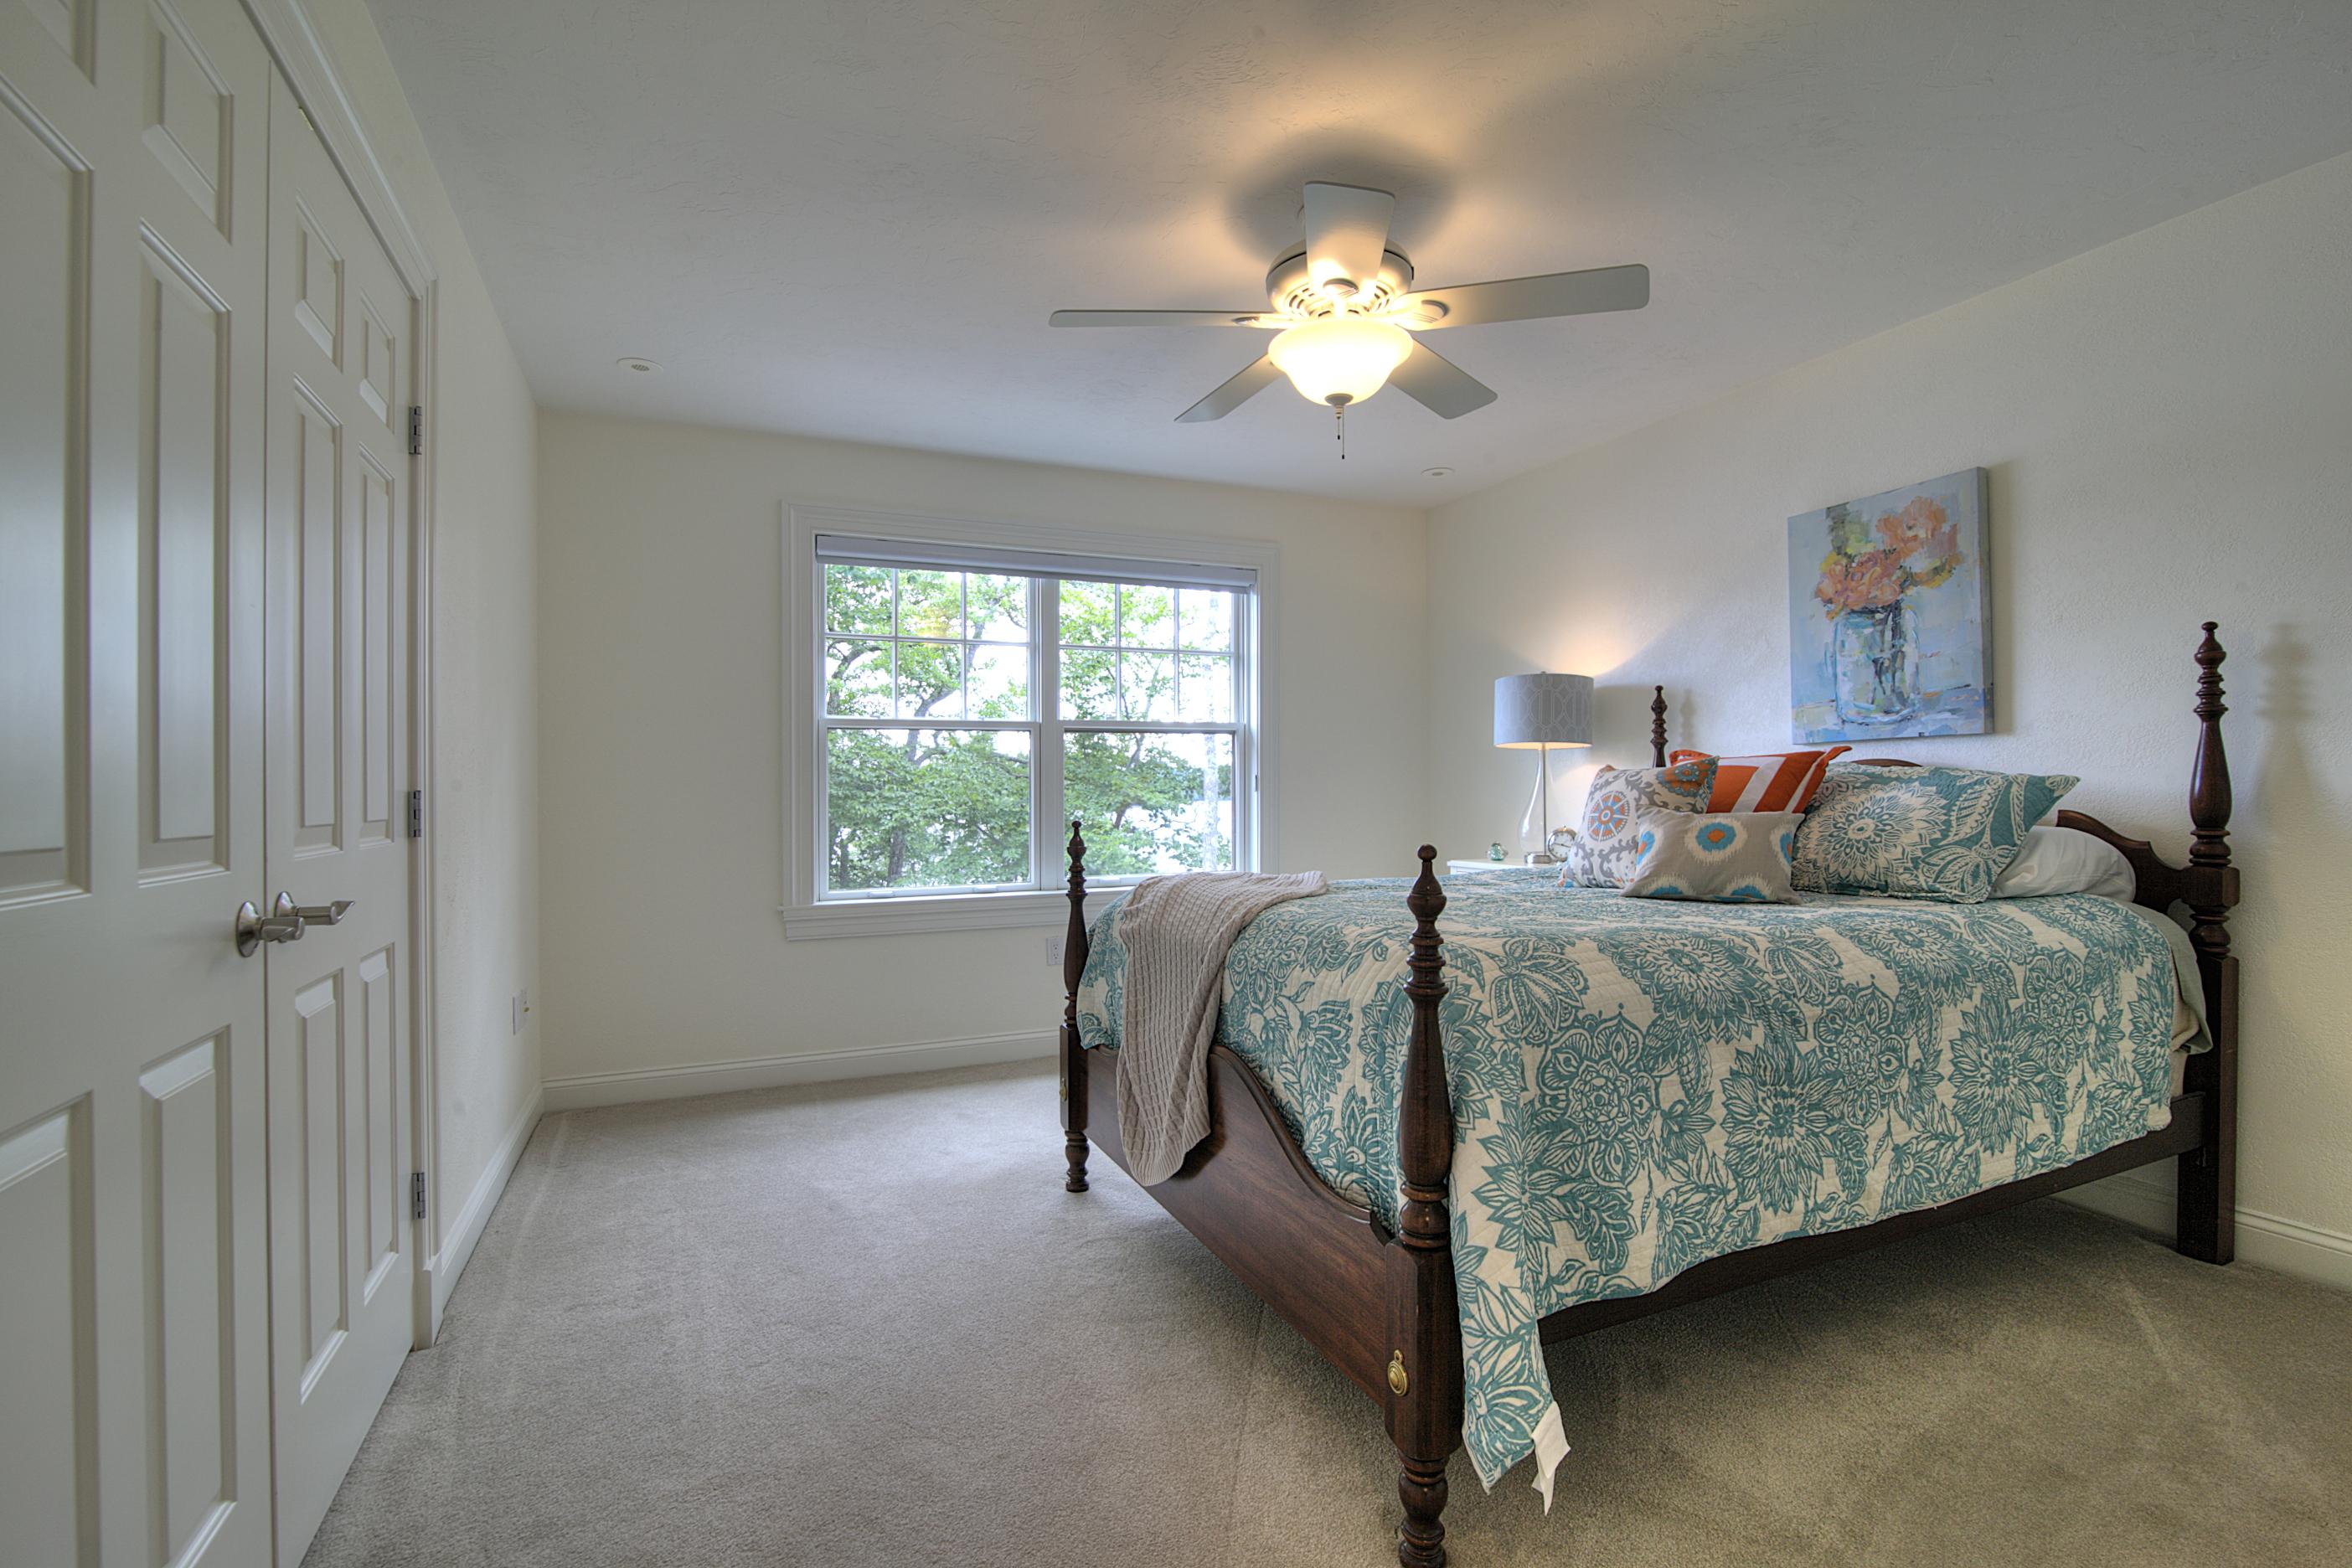 Lake house bedroom decor